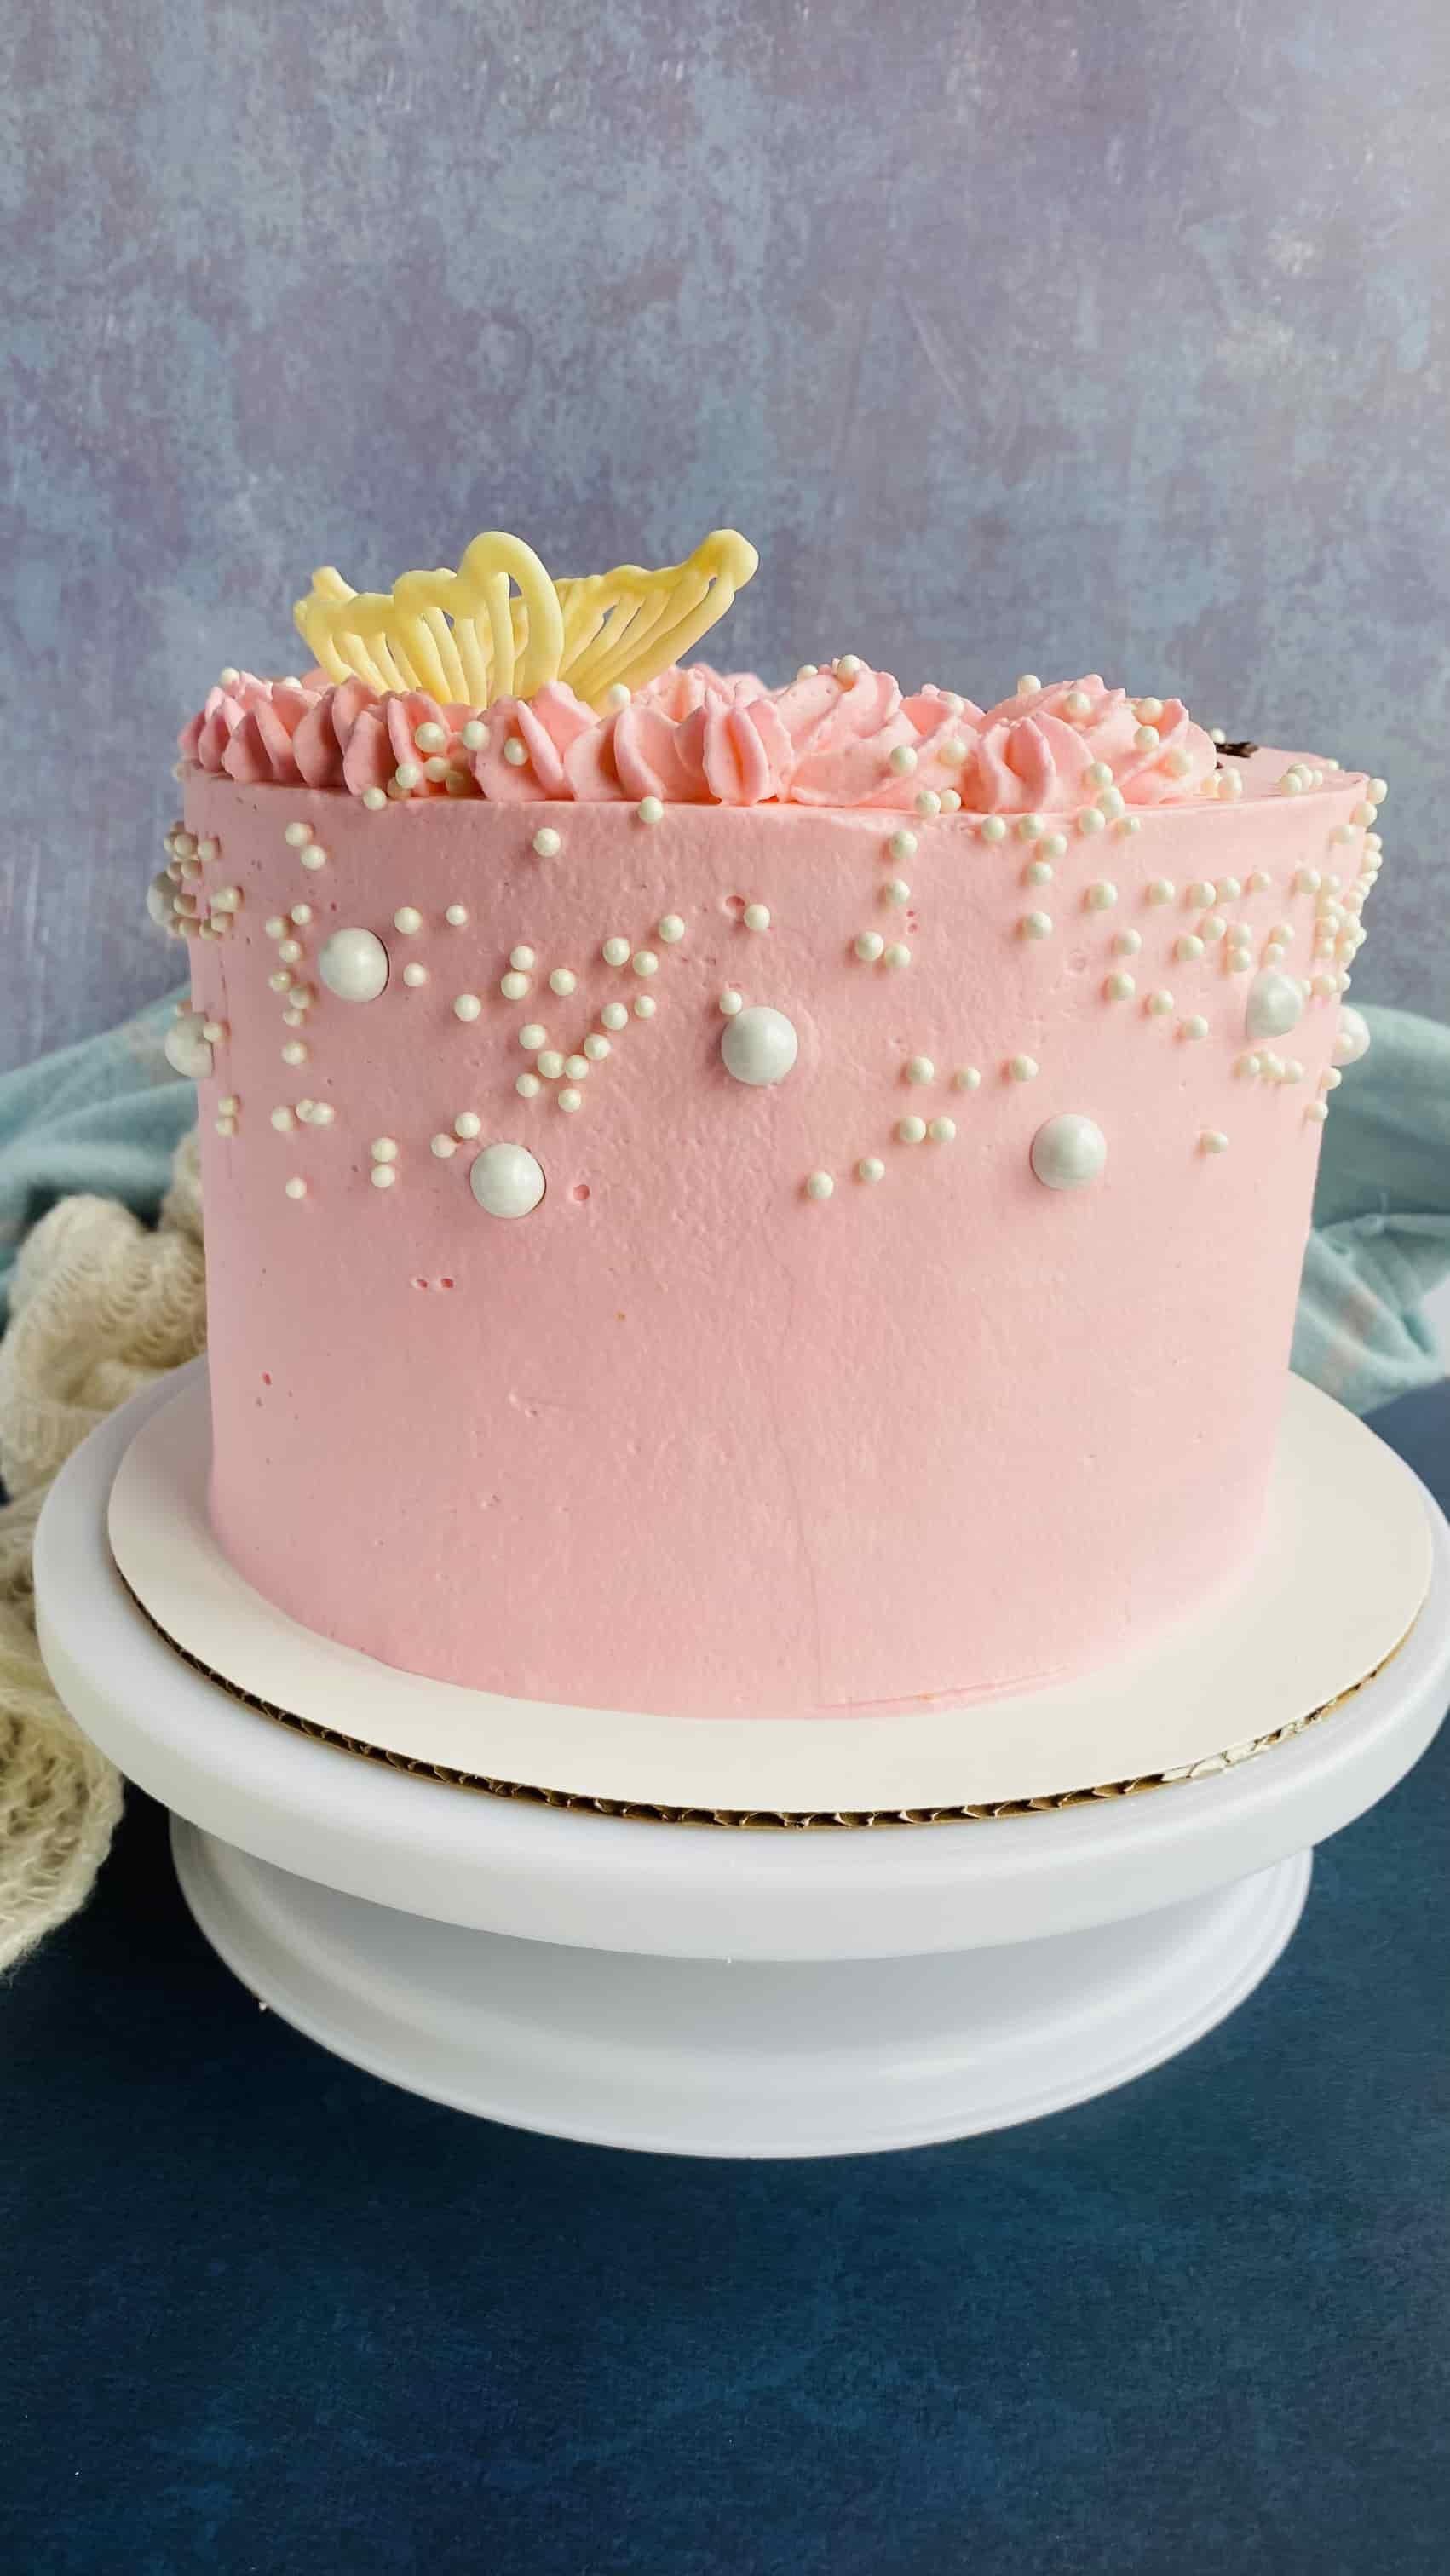 Rosettes & Butterflies Cake!